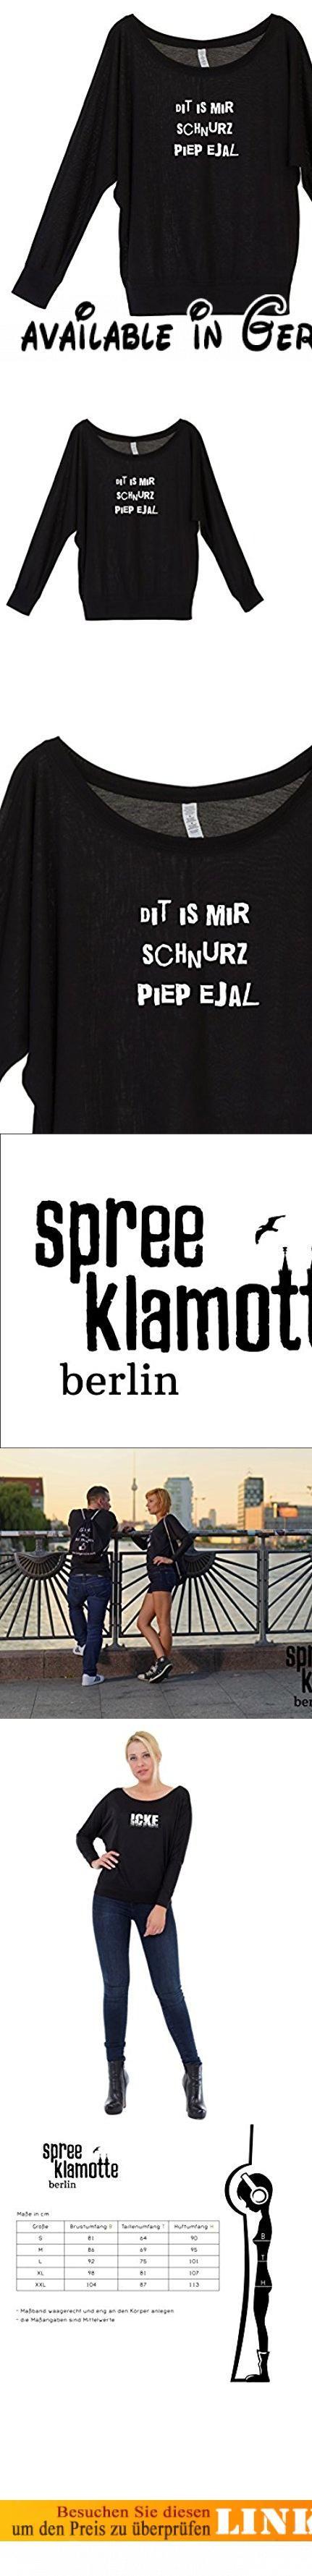 Longsleeve Damen mit coolem Berlin Spruch - Schnurz - vom Label SPREEklamotte / Funshirt Langarm Lady Shirt Damen / schulterfrei u-boot-ausschnitt Frauen , T-Shirt mit Sprüchen modisch - schwarz XL. BERLIN - Dit is ne Stadt! Aufregend, bunt, pulsierend, im ständigen Wandel, mal ranzig, mal schick, sie feiert, sie ist kreativ. Und dabei quatscht sie Dialekt, und zwar vom Feinsten!. SPREEKLAMOTTE: Und so möchten wir hier zwinkernden Auges diese aufregende Mundart hochhalten,